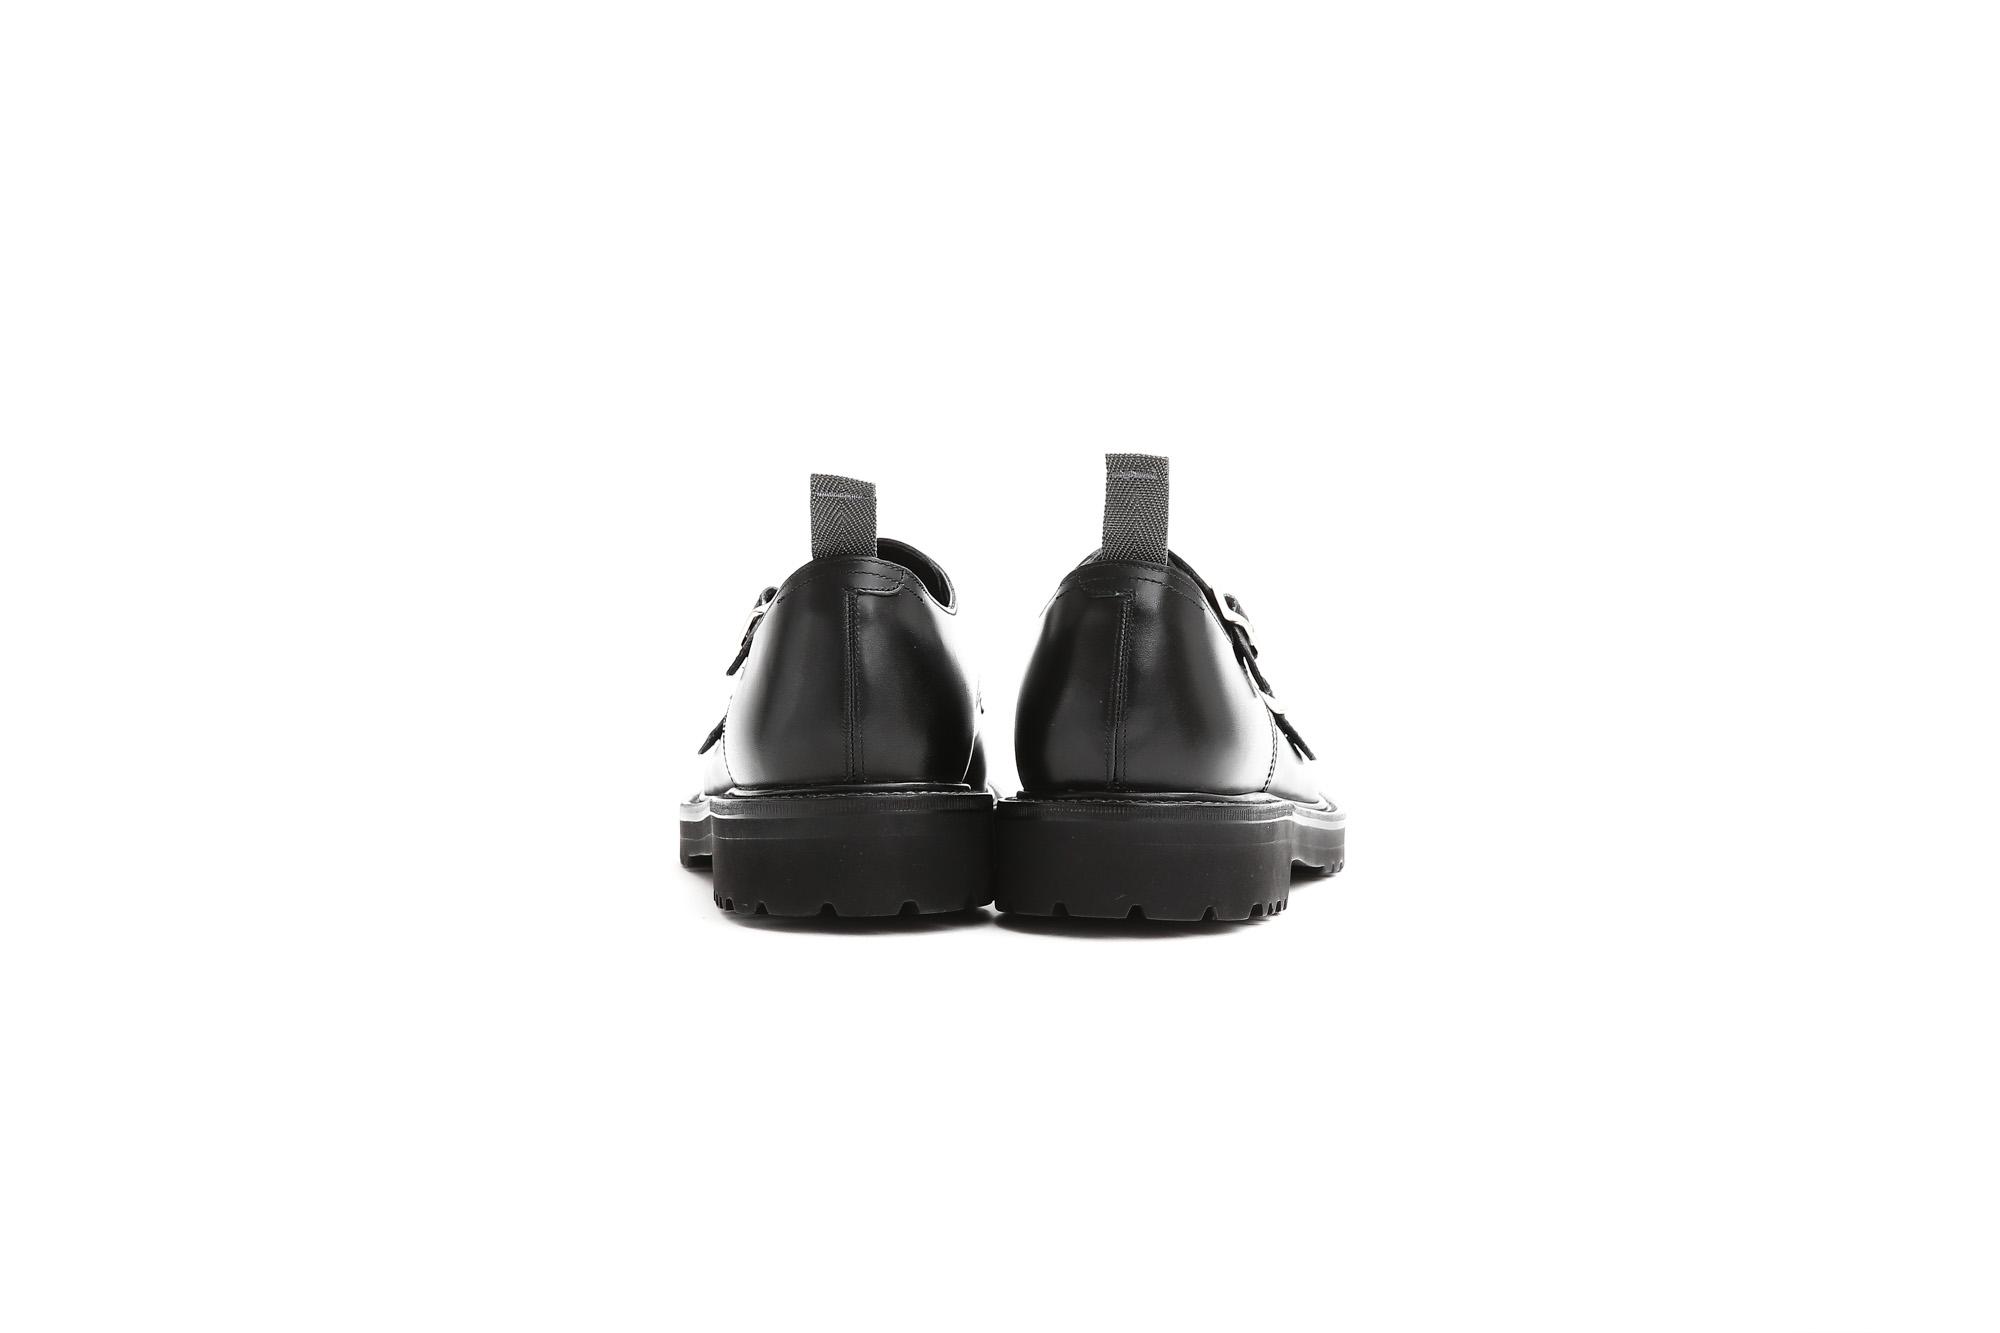 WH (ダブルエイチ) 【WH-0300(WHS-0300)】 Double Monk Strap Shoes (干場氏 スペシャル モデル) Cruise Last (クルーズラスト) ダブルモンクストラップシューズ BLACK (ブラック) MADE IN JAPAN (日本製) 2018 春夏新作 【干場氏、坪内氏の直筆サイン入り】【ZODIAC限定 スペシャルアイテム】 wh 干場さん 干場スペシャル FORZASTYLE フォルザスタイル 愛知 名古屋 ZODIAC ゾディアック